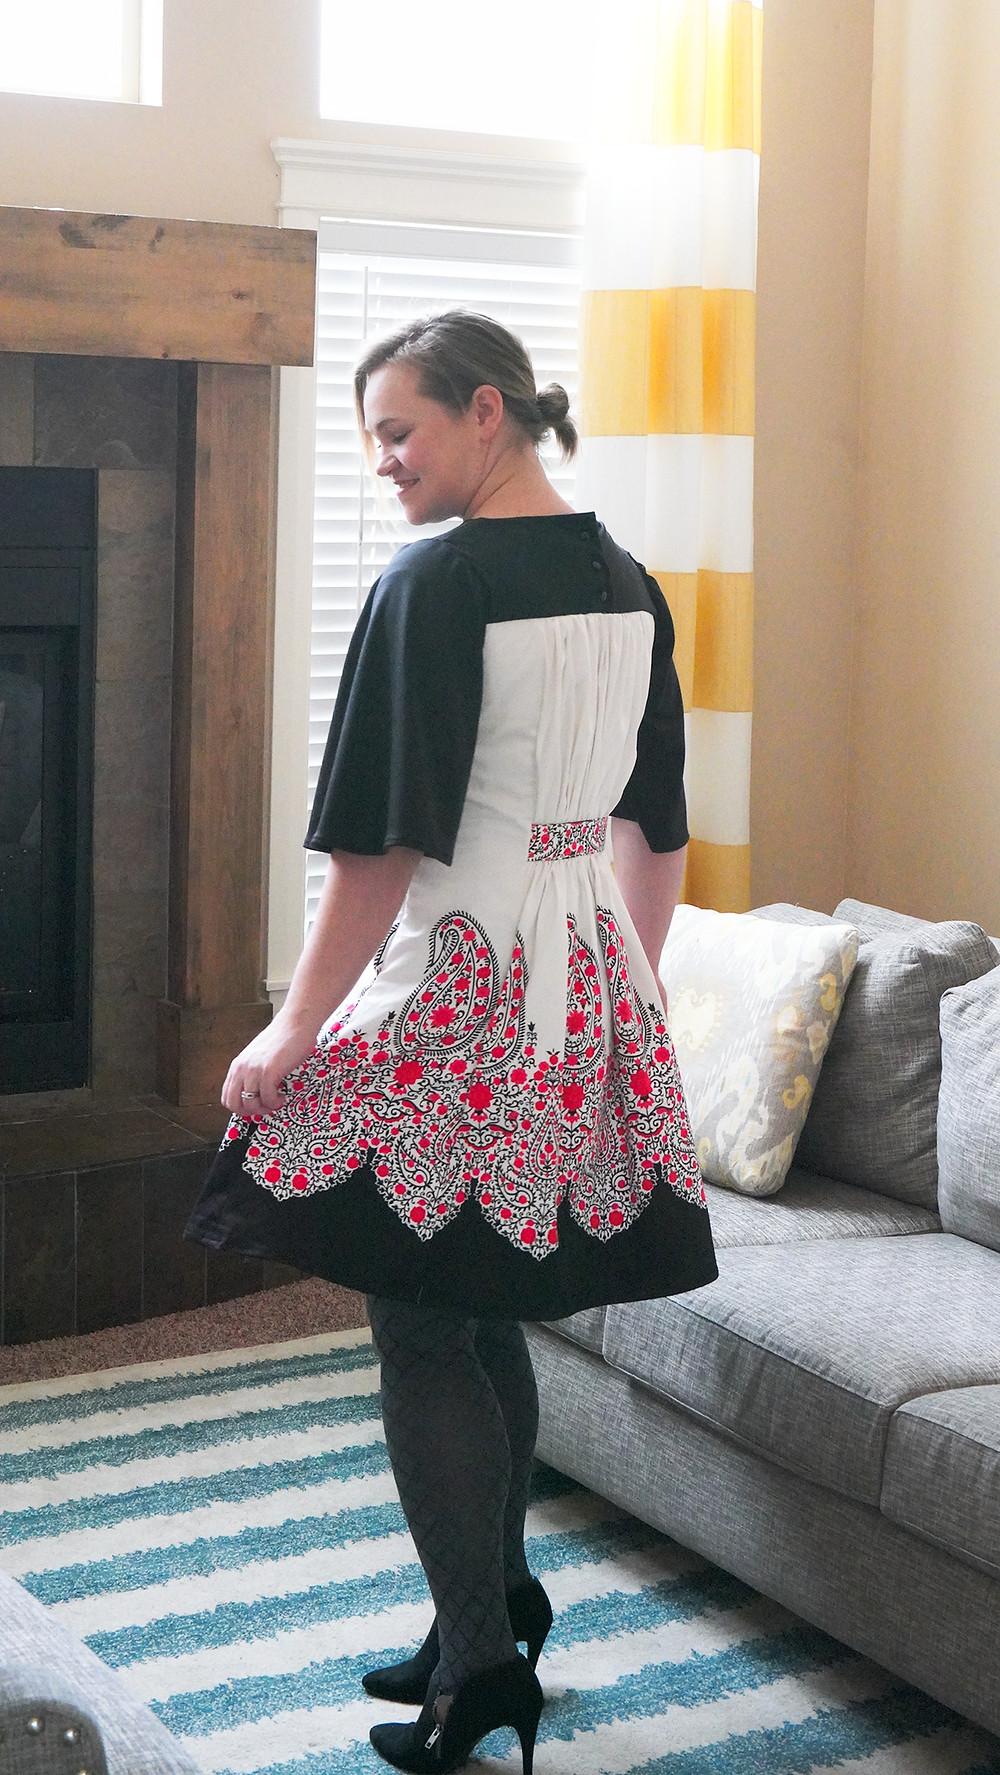 Sewing Burda Frills Dress 12/2015 #122A Valentine's Day Dress